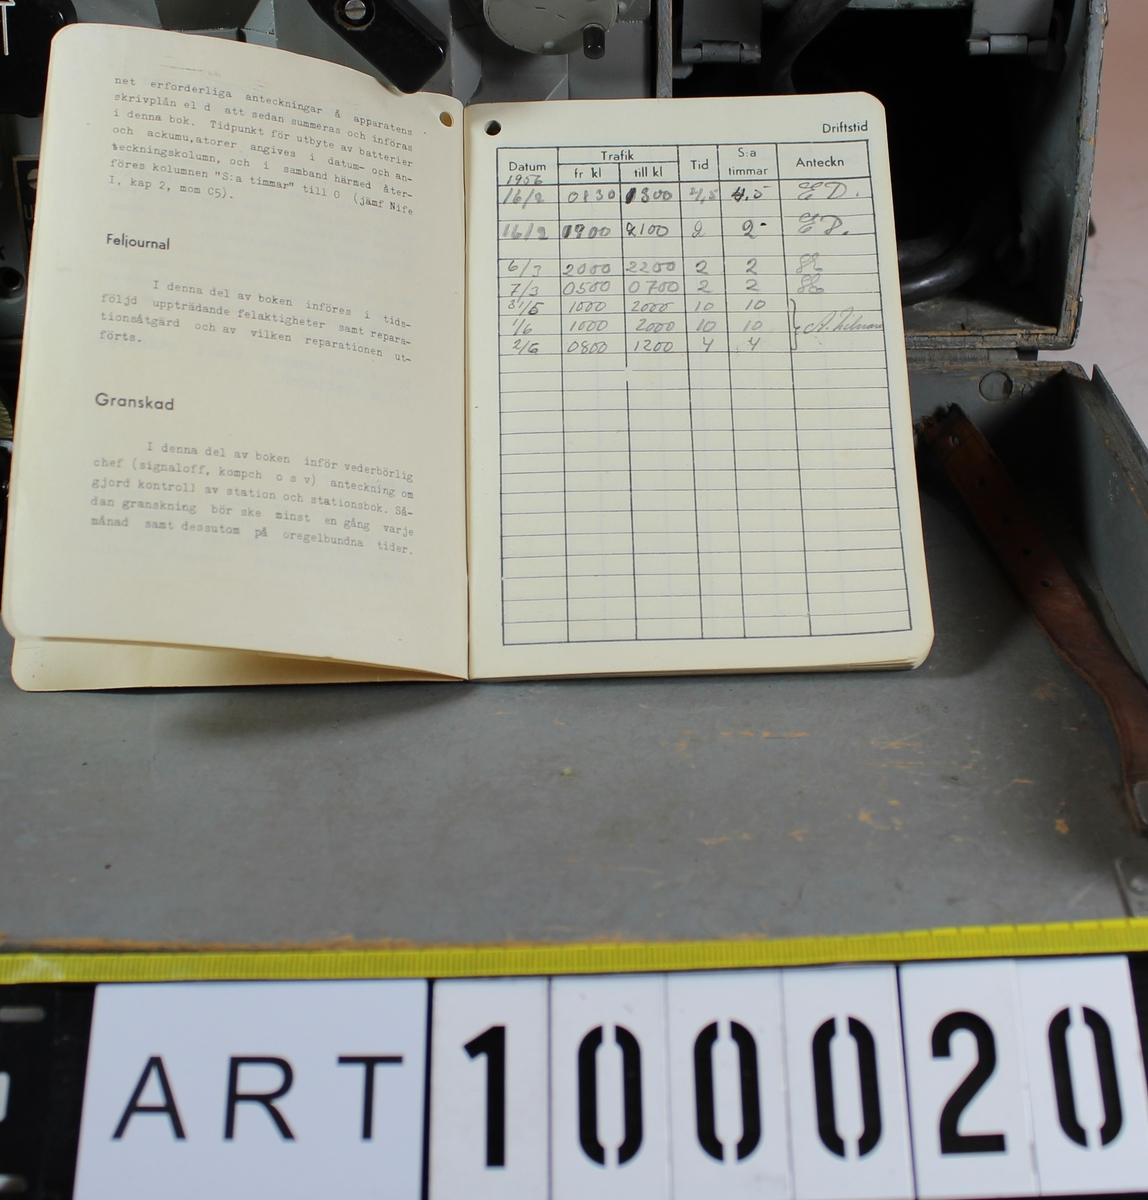 Radiostation 10 W Br/4 m/39-43  Bärbar kortvågsstation för telgrafi (A1) och telefoni (A3). Anskaffades i början av 1940 och avvecklades 1960 talet.  Tekniska data: Sändningsslag:         Telegrafi (A1) Telefoni (A3) Antenneffekt:         5 – 7 W vid A1 6 – 8 W vid A3 Antenn:                  Kastantenn bestående av 2 st ca 9 m långa antennlinor samt 2 st linor av                                            samma längd, vilka tjänstgör som motvikt. Räckvidd:                  Med normalantenn Telegrafi 50 km Telefoni 20 km Frekvensomfång:          Sändaren 2500 – 5000kHz                                           Mottagaren 1300 – 6100 kHz  Moduleringsslag:           Amplitudmodulering Sändartyp:                  Självstyrd oscillator, effektsteg, mottagarktkopplat modulatorsteg Mottagartyp:                  Superheterodynmottagare med mellanfrekvensen 1200 kHz.                                           Överlagringsoscillator för telegrafimottagning. Rörbestyckning:          Sändaren 2 st AL1, 2 st KL4                                           Mottagaren 3 st K2, 1 st KL4 Strömkällor:                  H a n d g e n e r a t o r n lämnar två olika spänningar: 8 och 350 volt. Den                                            förstnämnda spänningen matar sändarrörens glödtrådar och S-M- reläets                                            manöverlindningar vid sändning A1 samt kan dessutom användas för                                             laddning av stationens Nifeackumulatorer.                                           T o r r b a t t e r i e t av typ A126 lämnar spänning till mottagarrörens anoder                                            och till vissa galler.                                           N i f e a c k u m u l a t o r e r n a av typ D10 matar mottagarrörens glödtrådar,                                            fungerar som mikrofonbatteri och avger manöverström till S-M-reläet vid                                            telefonisändning.            